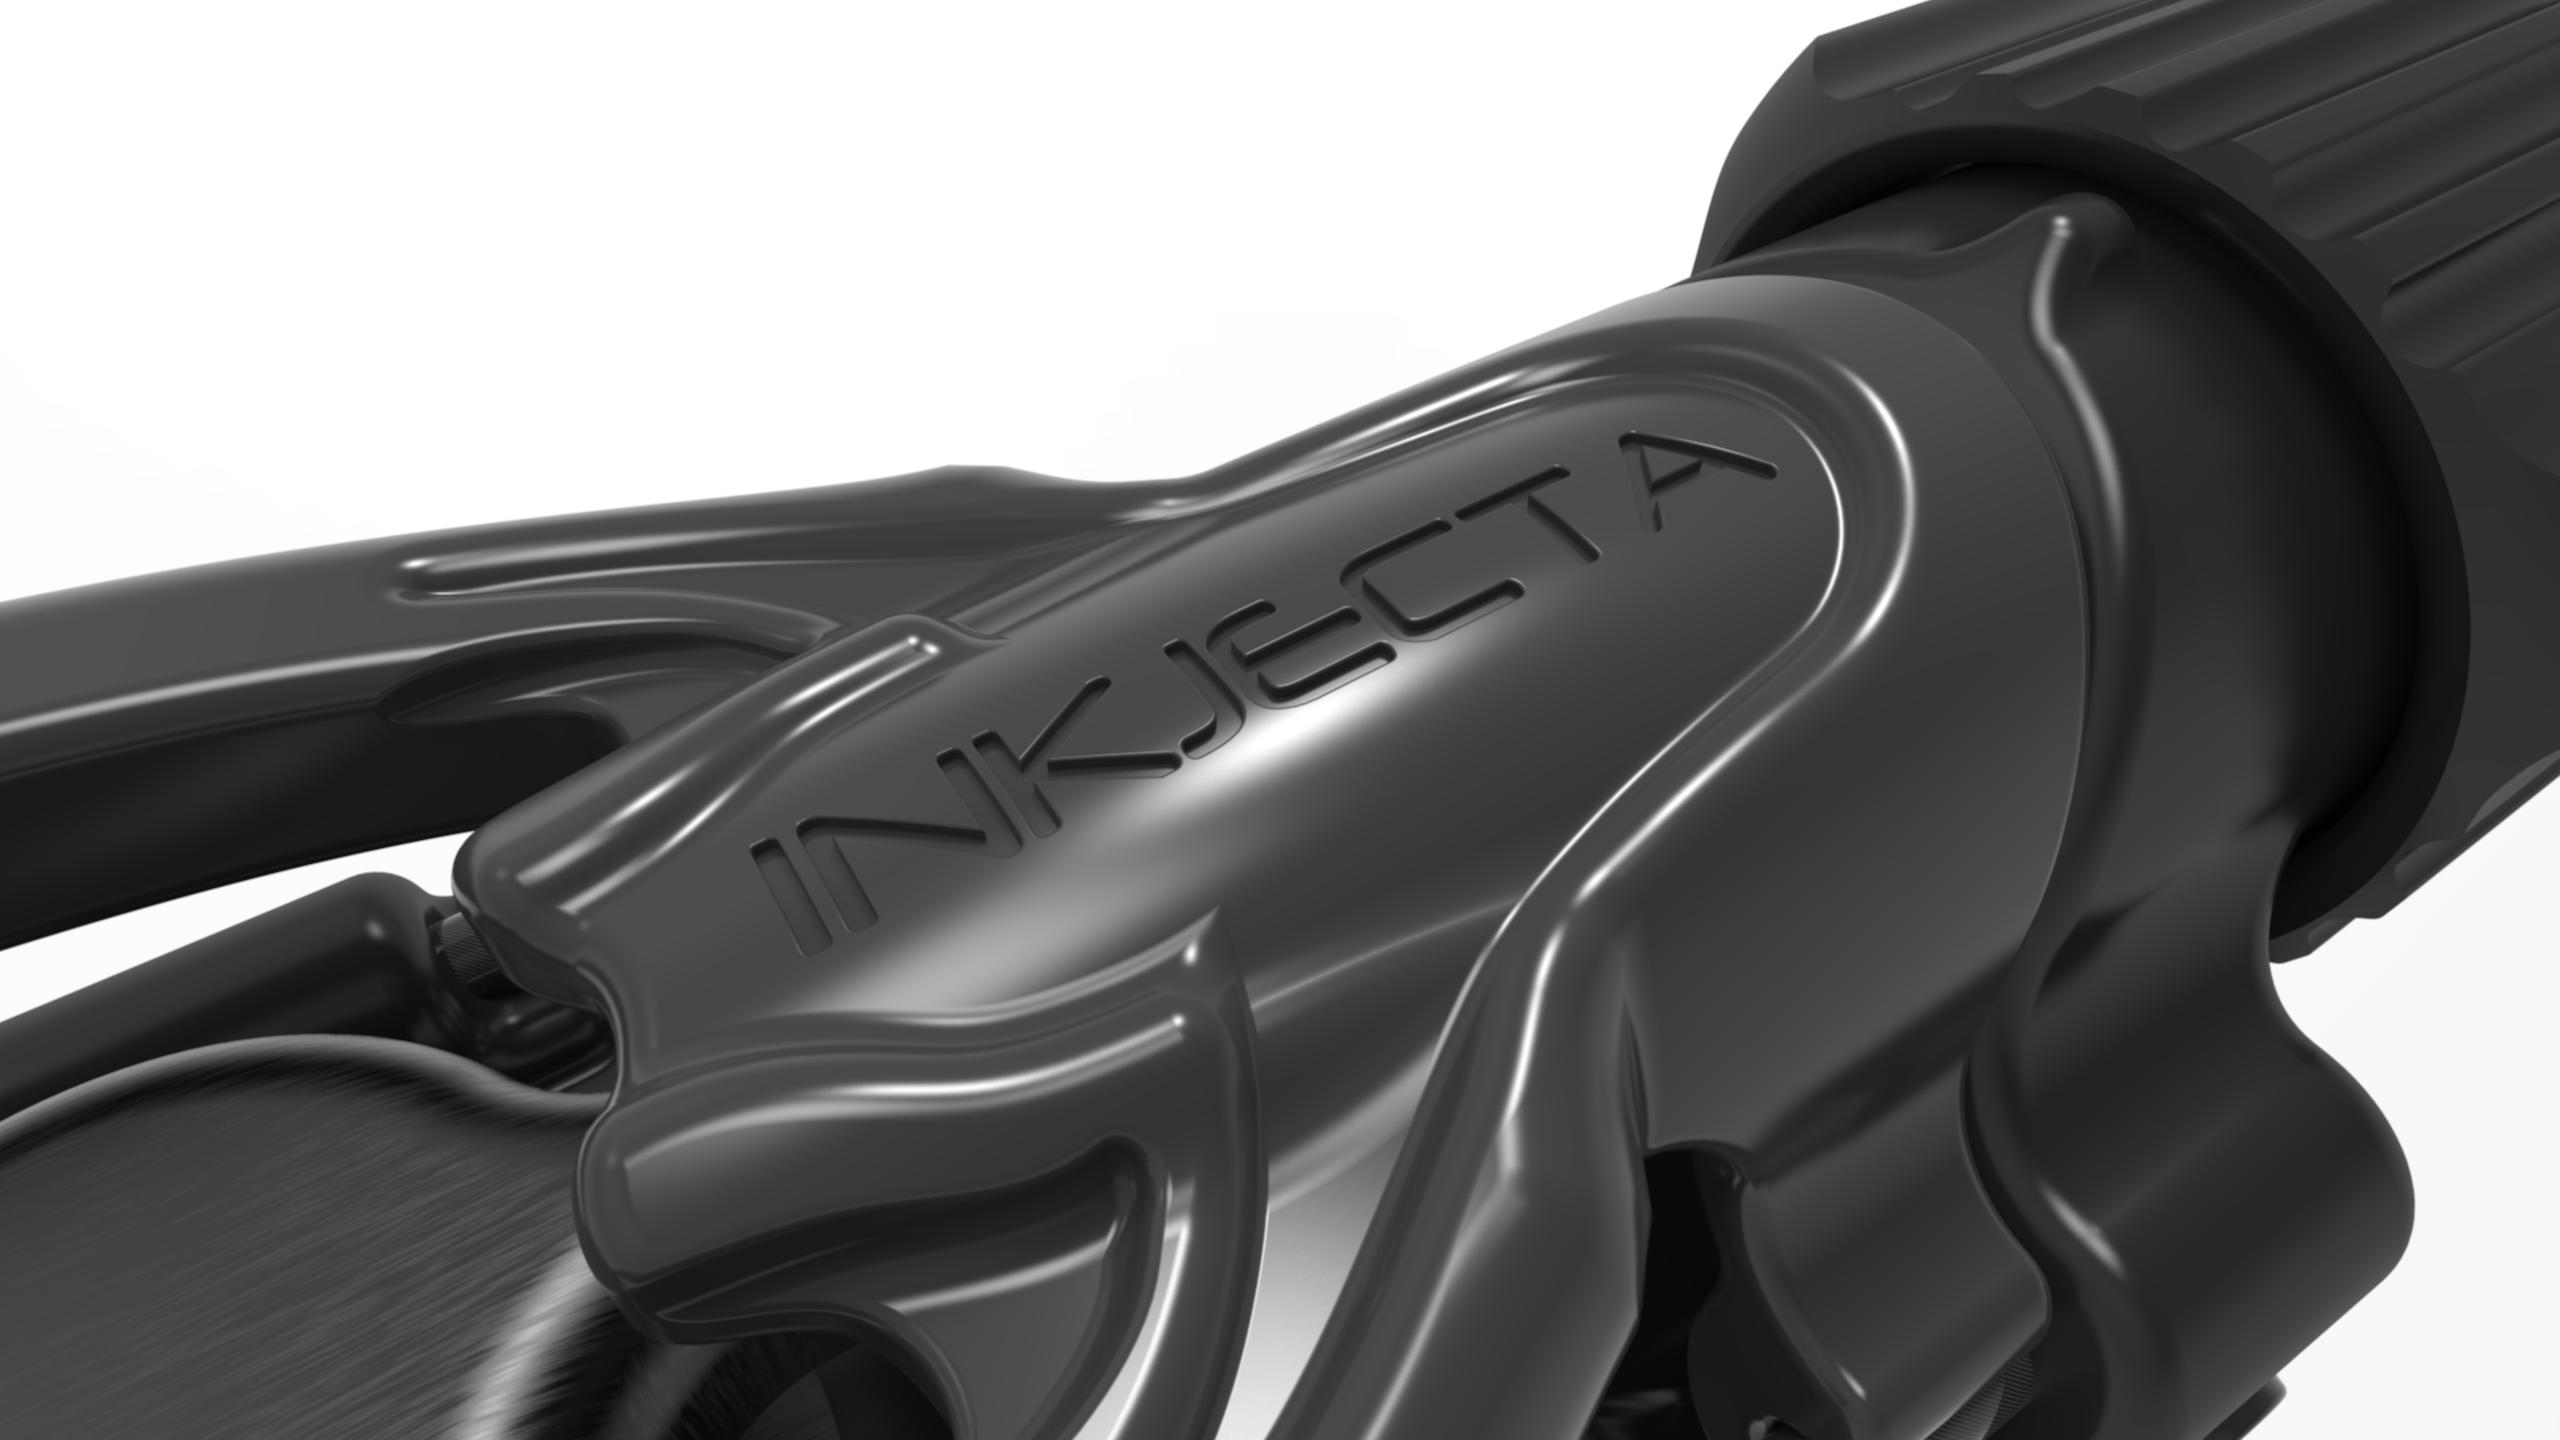 Tattoo Machine X1_ Final Product Renders